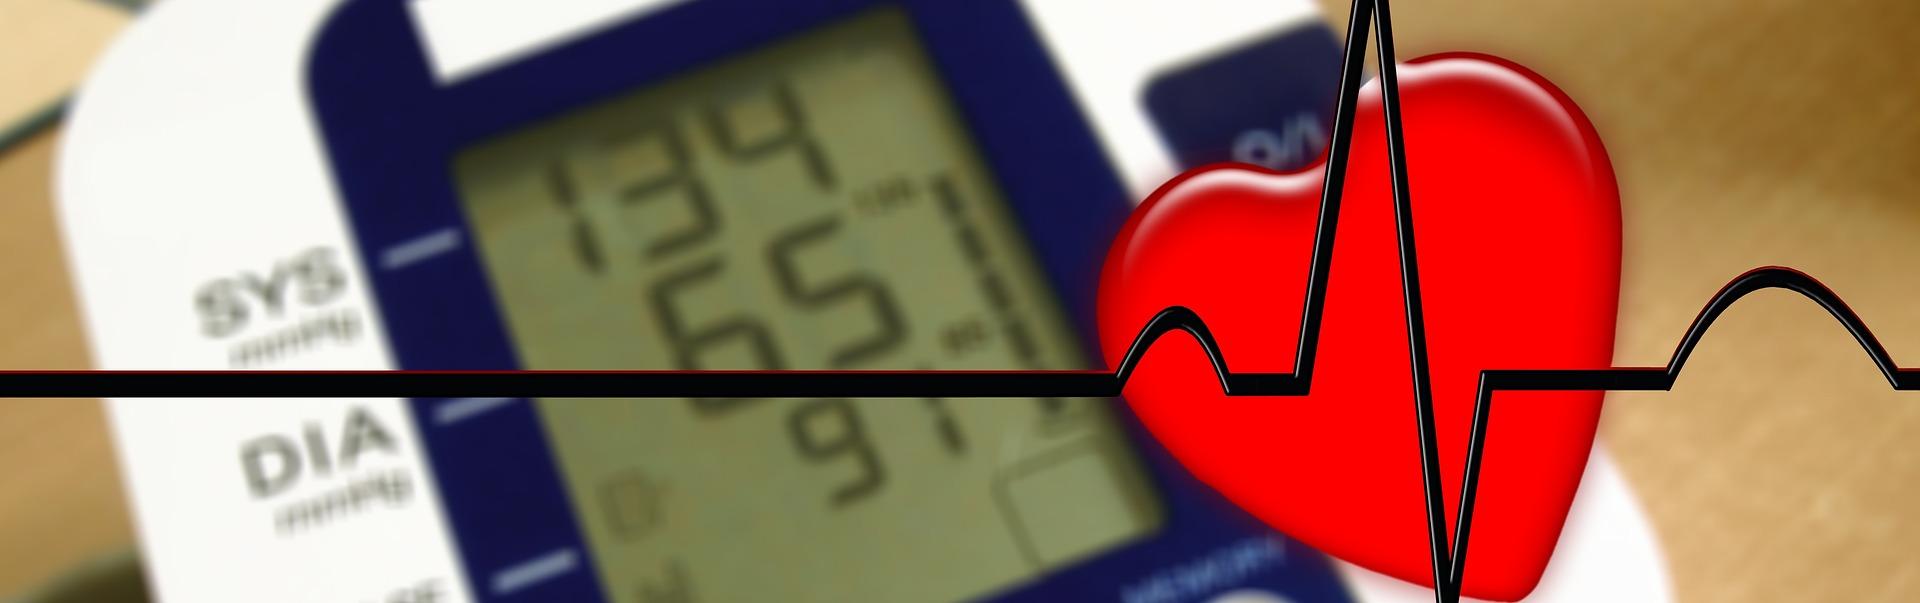 magas vérnyomásban élnek gyógyszerek magas vérnyomás kezelésére 2 fok